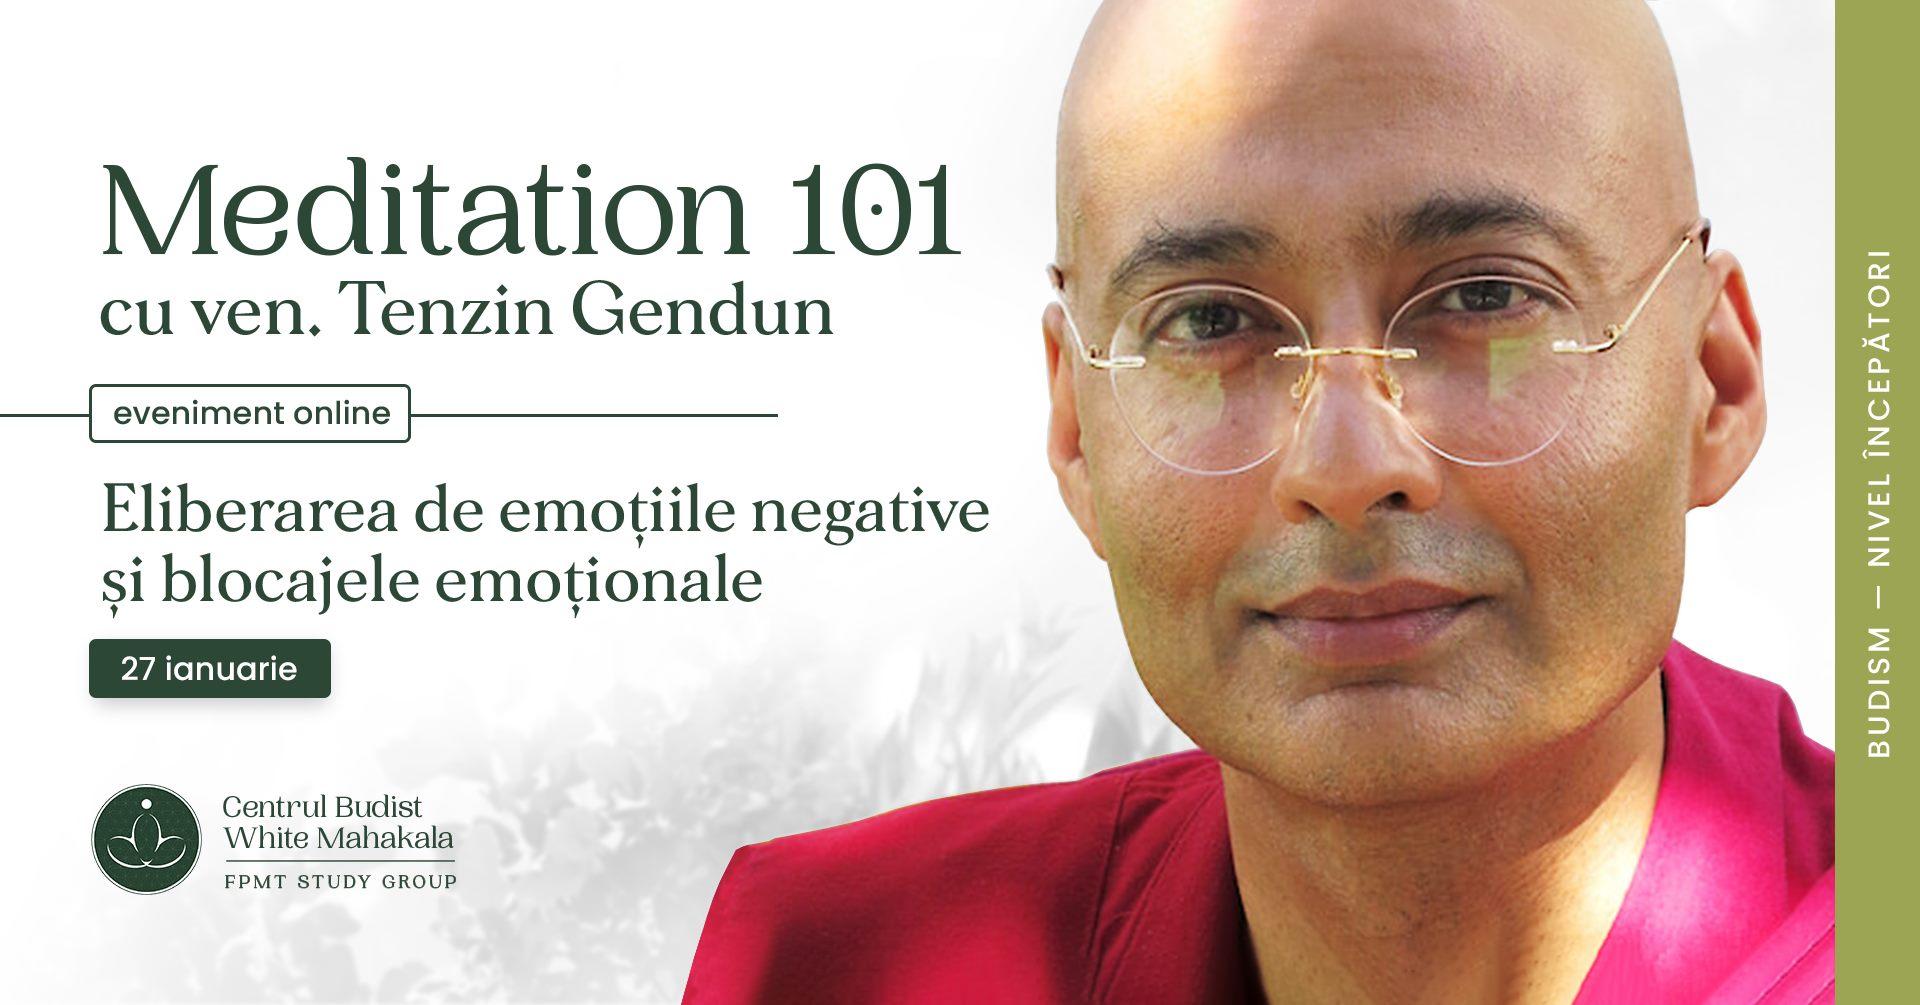 MEDITATION 101- Editie speciala cu Ven. Gendun